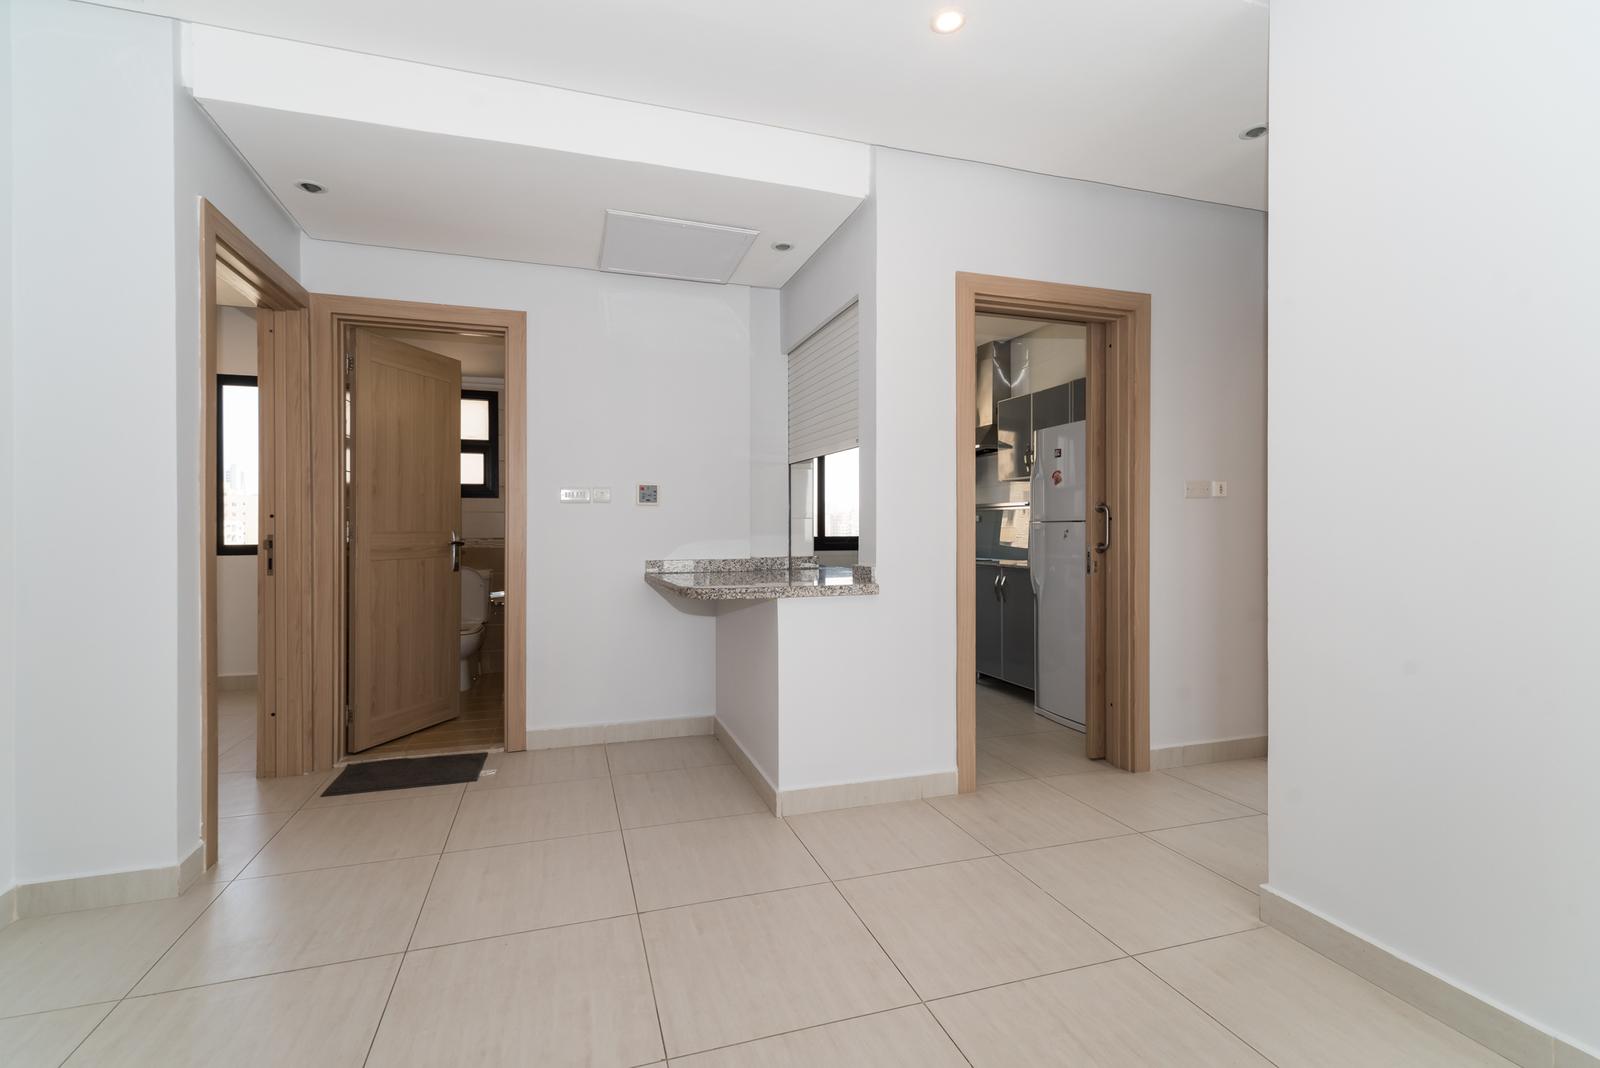 Maidan Hawally – unfurnished, three bedroom apartment